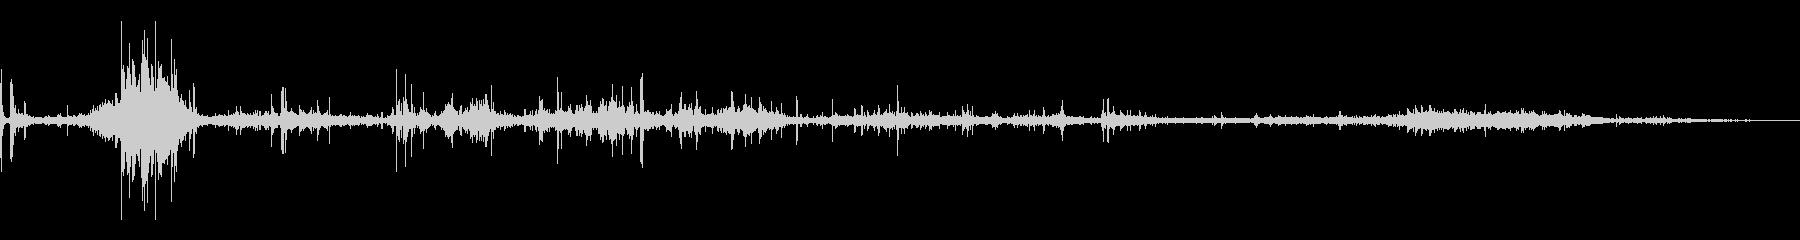 ファイバーグラスカヌー:EXT:2...の未再生の波形